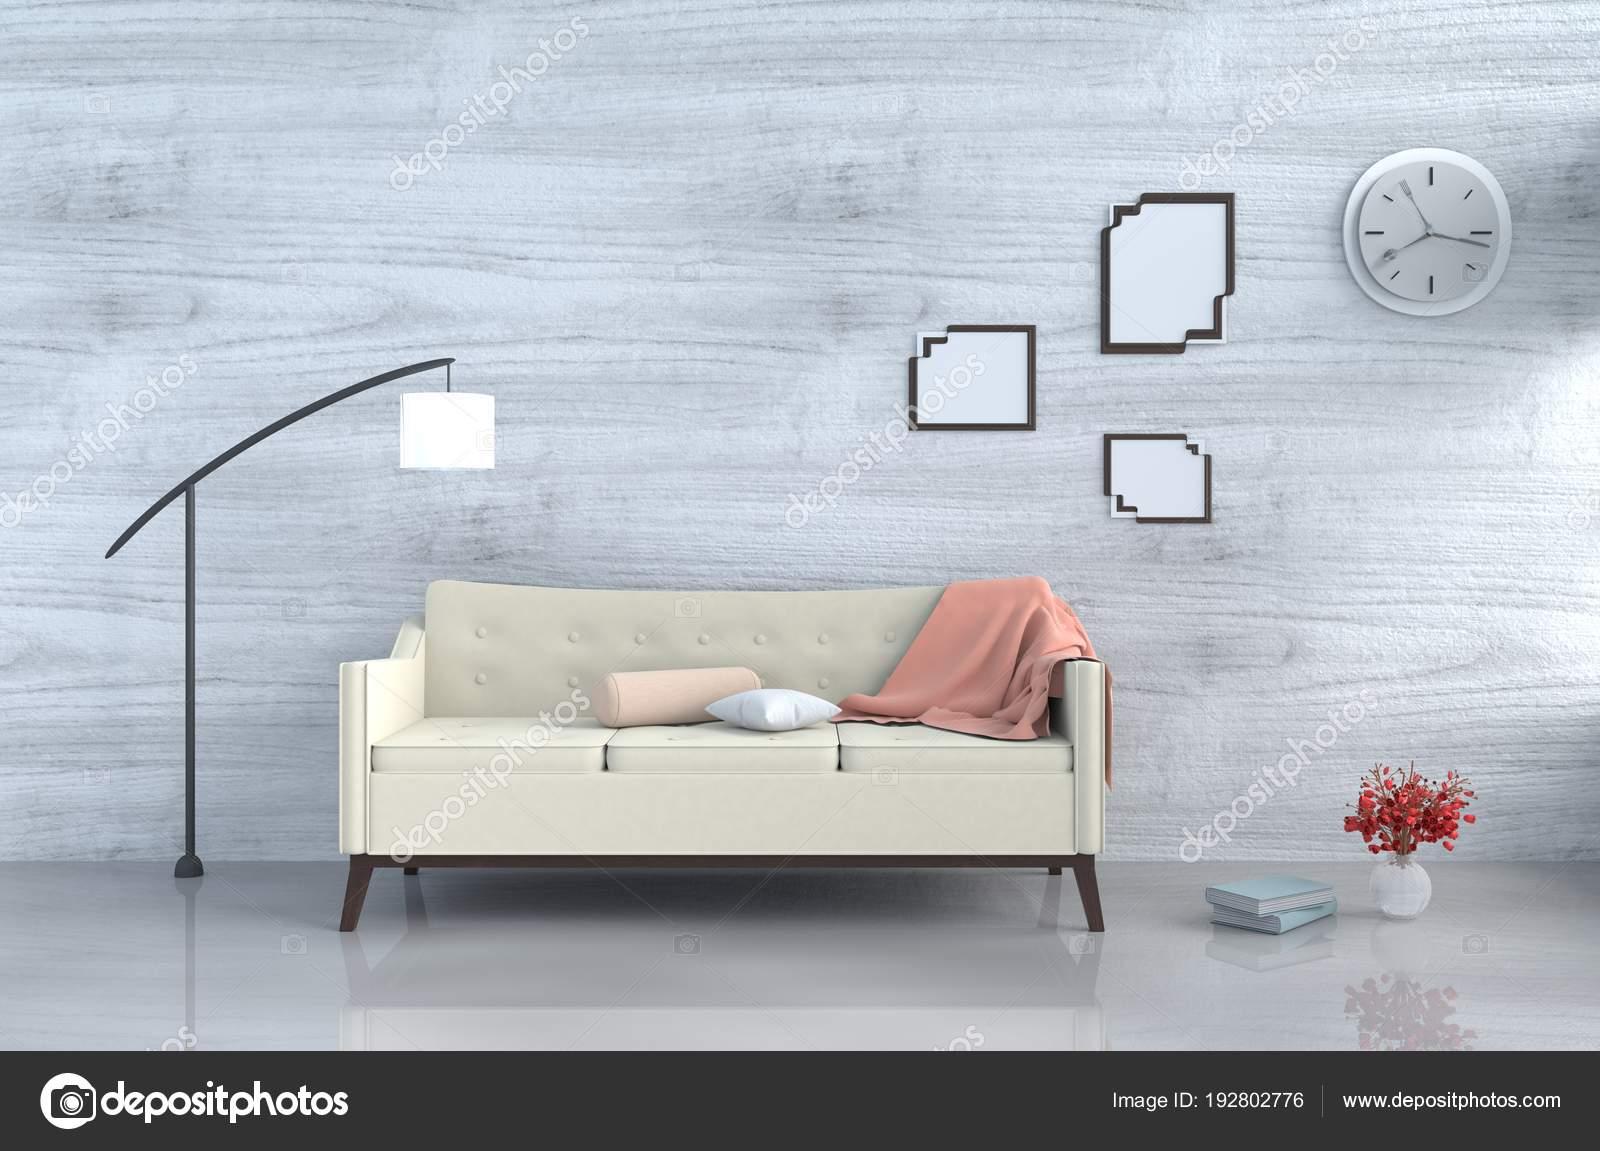 Grau Weiß Wohnzimmer Dekor Mit Sahne Sofa Wanduhr Weiße Holz U2014 Stockfoto